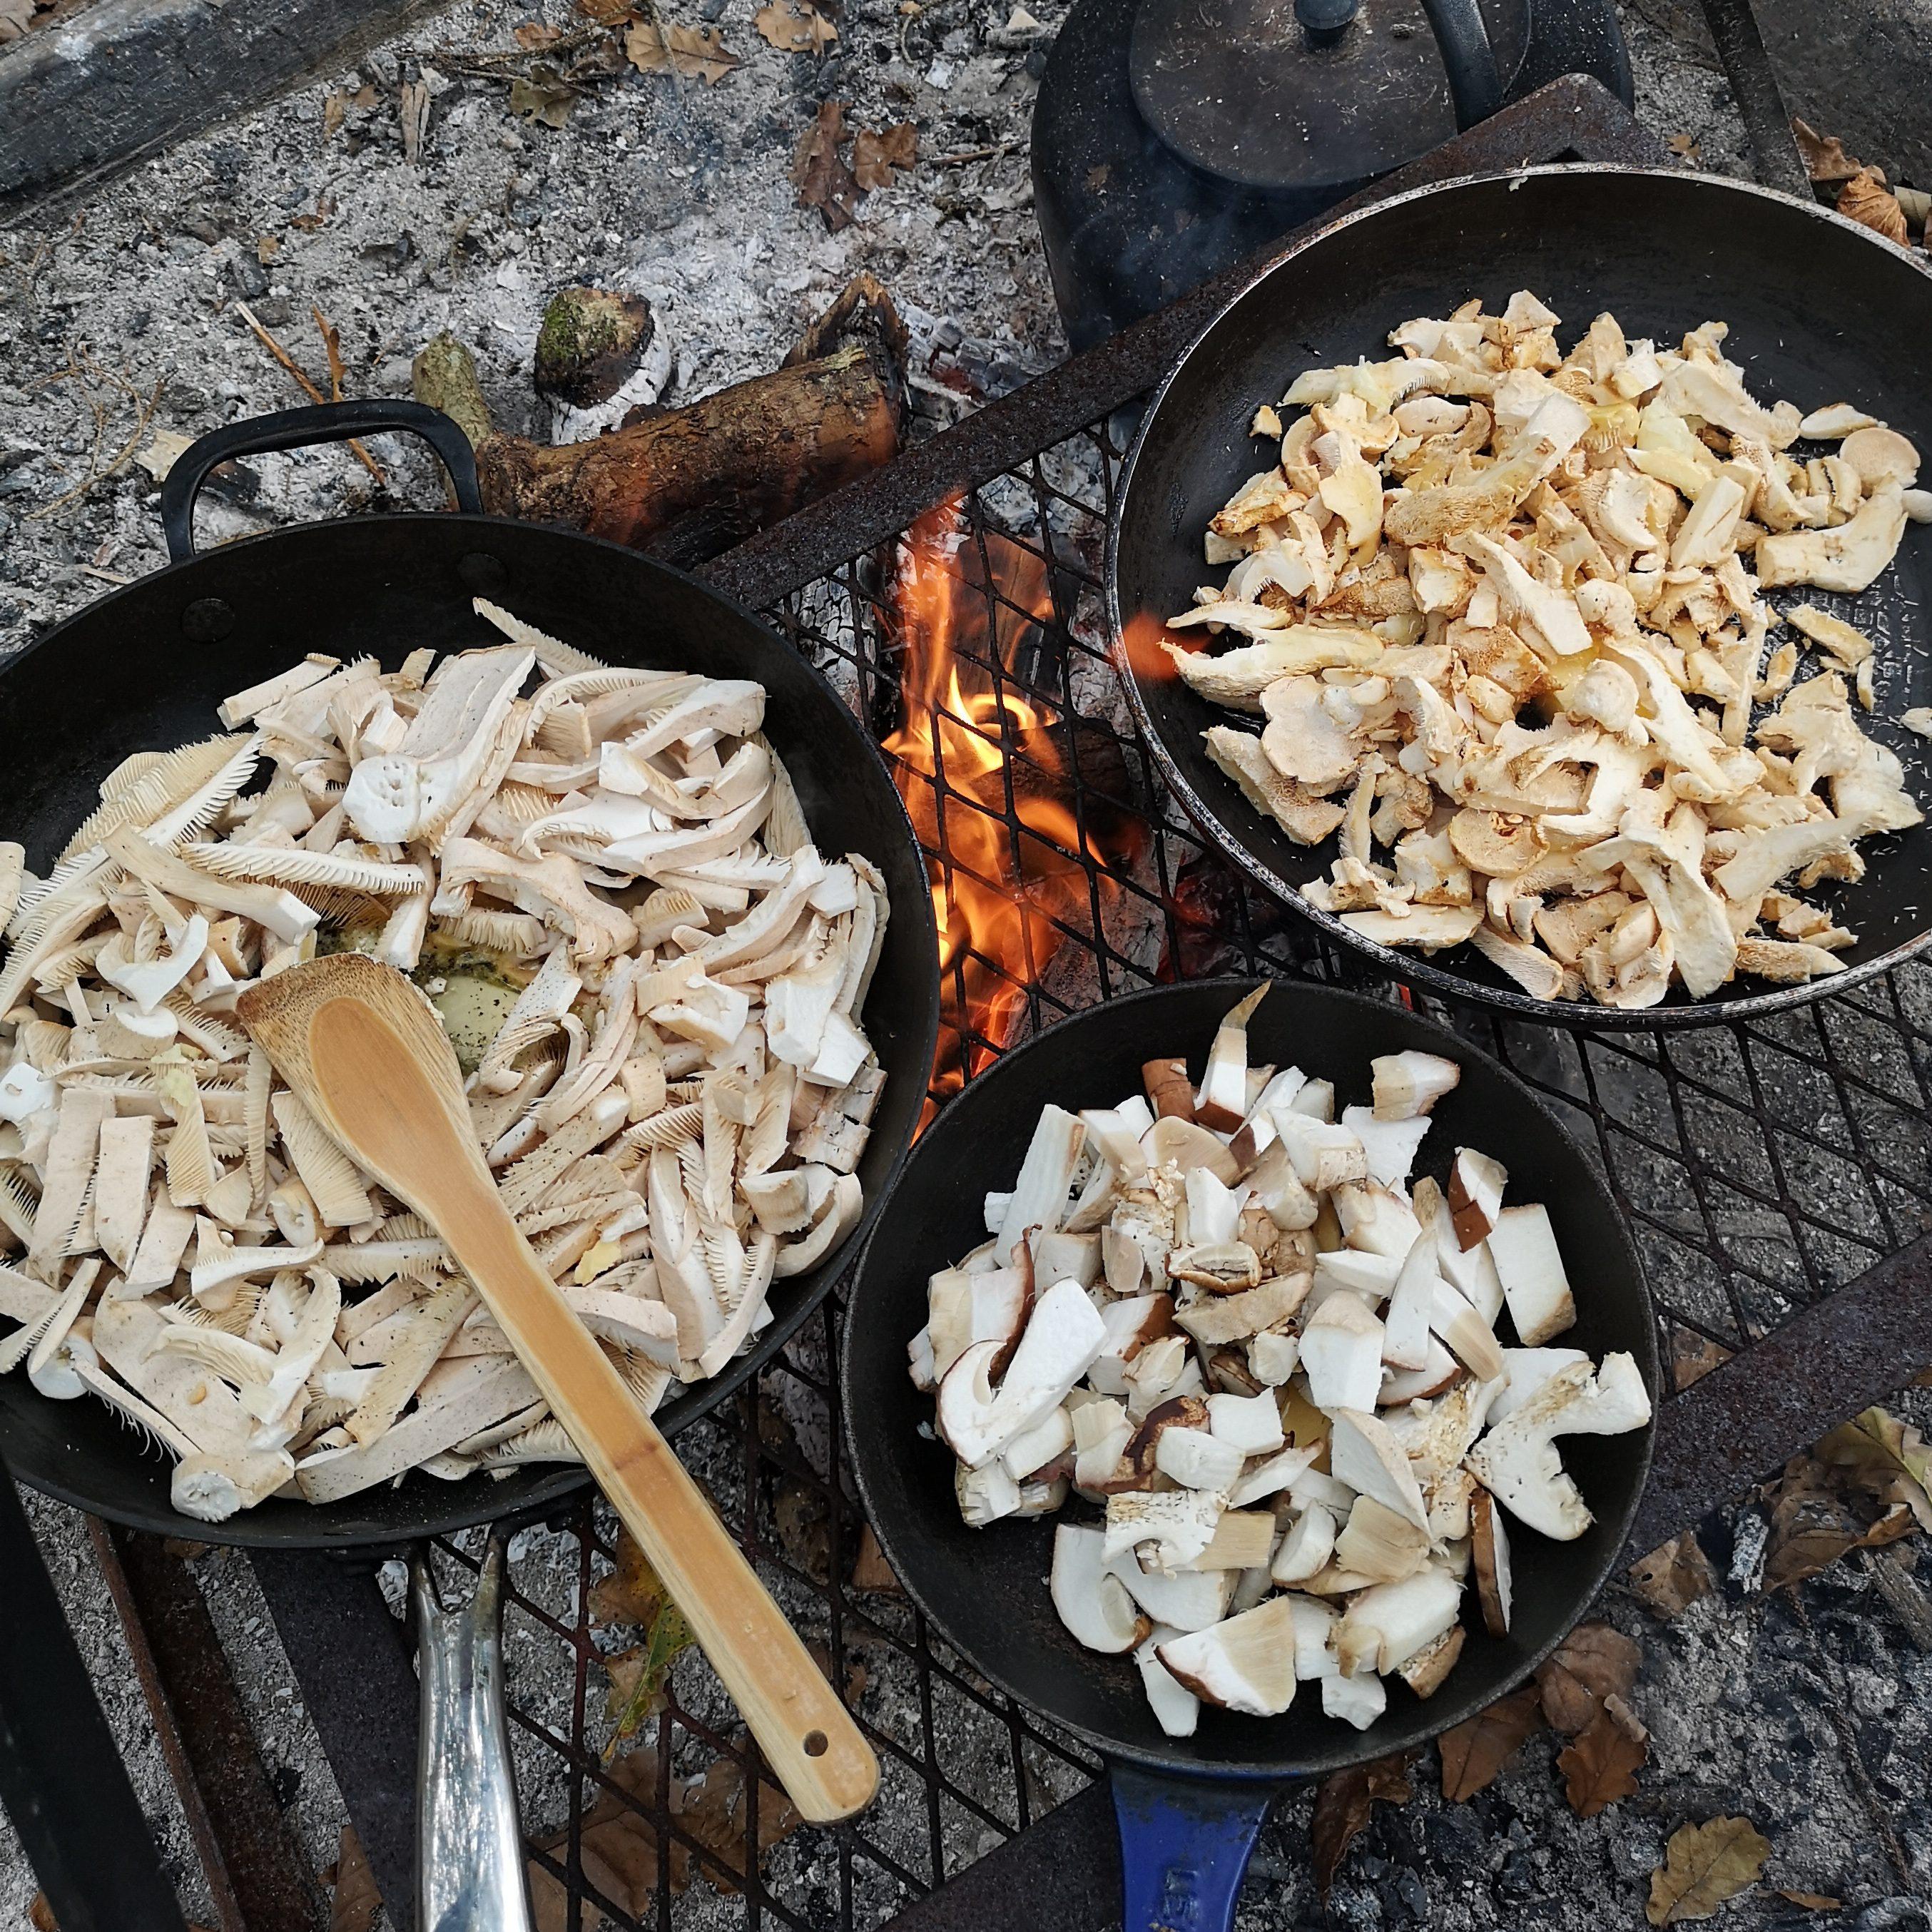 Mushroom apetisers being cooked